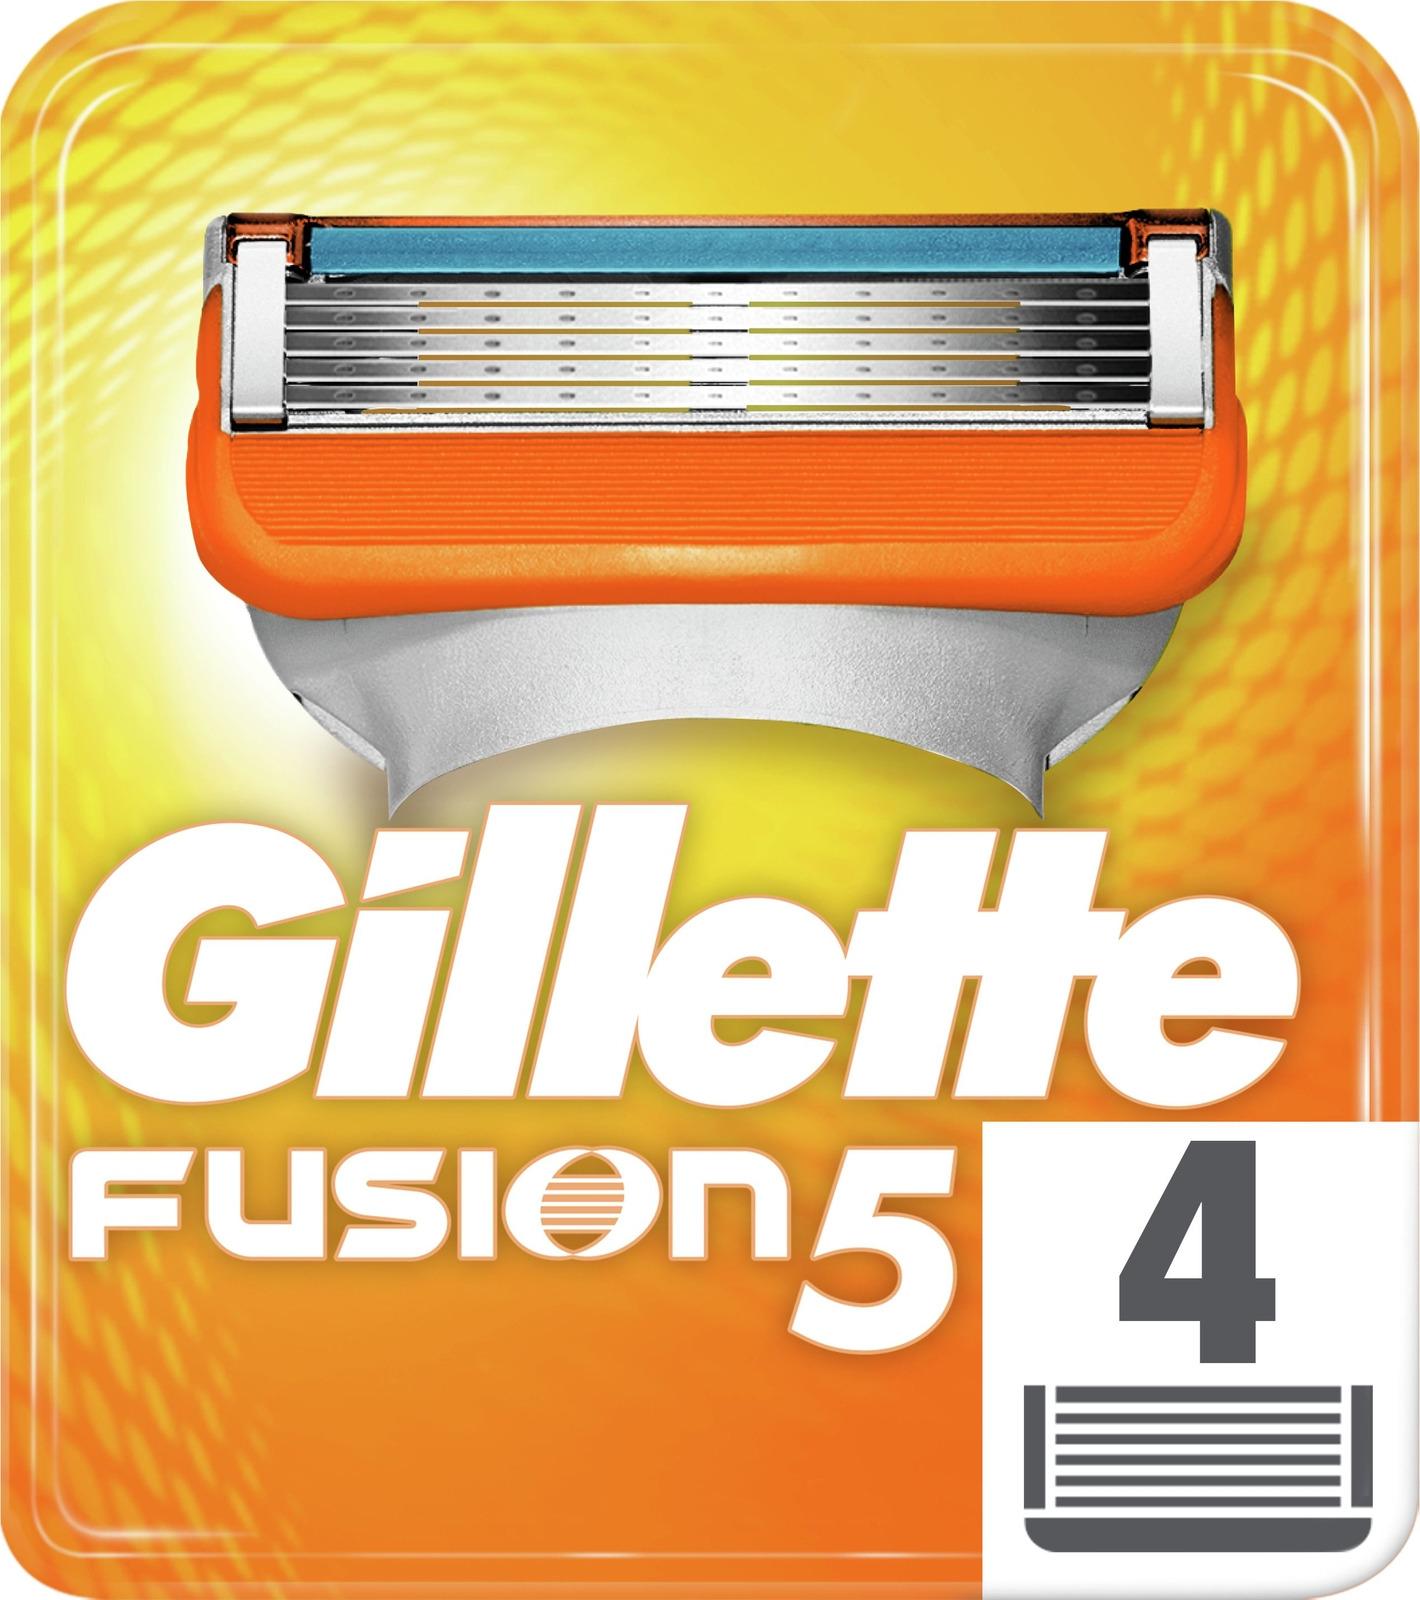 Сменные Кассеты Gillette Fusion5 Для Мужской Бритвы, 4 шт venus embrace сменные кассеты для бритья 2 шт